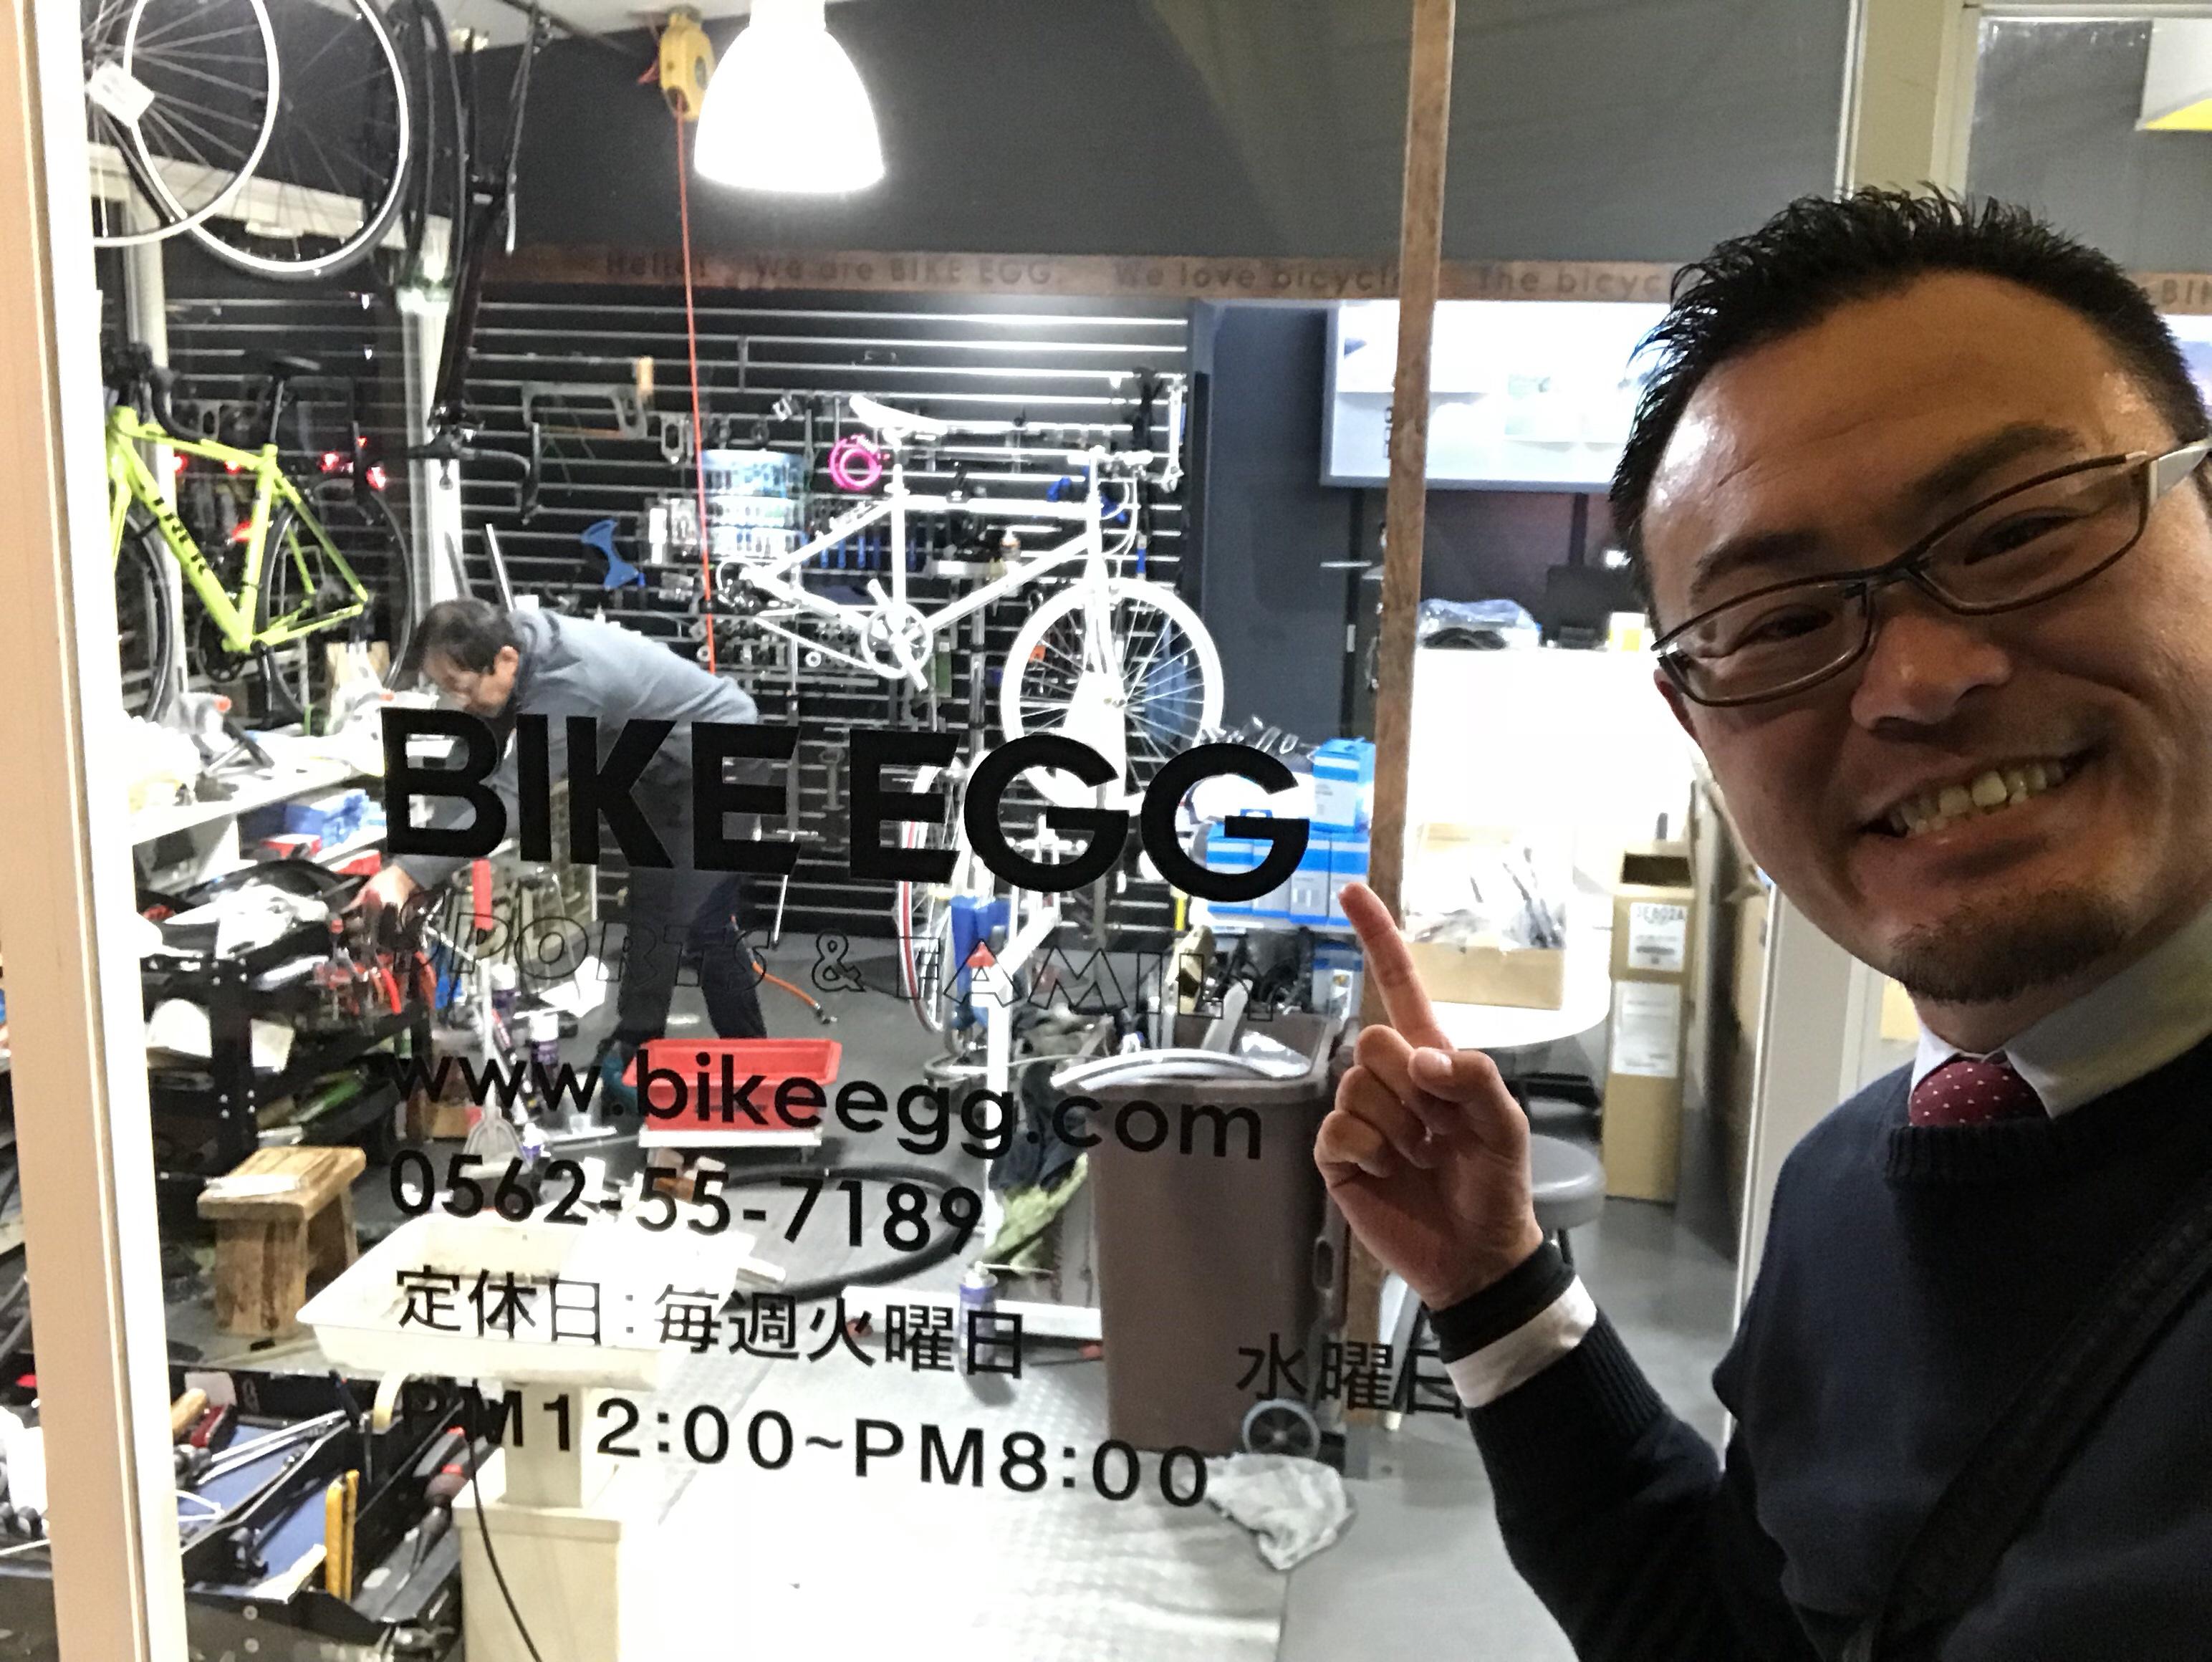 自転車を買おうと思った時の最初の関門。クロスバイクかロードバイクか?